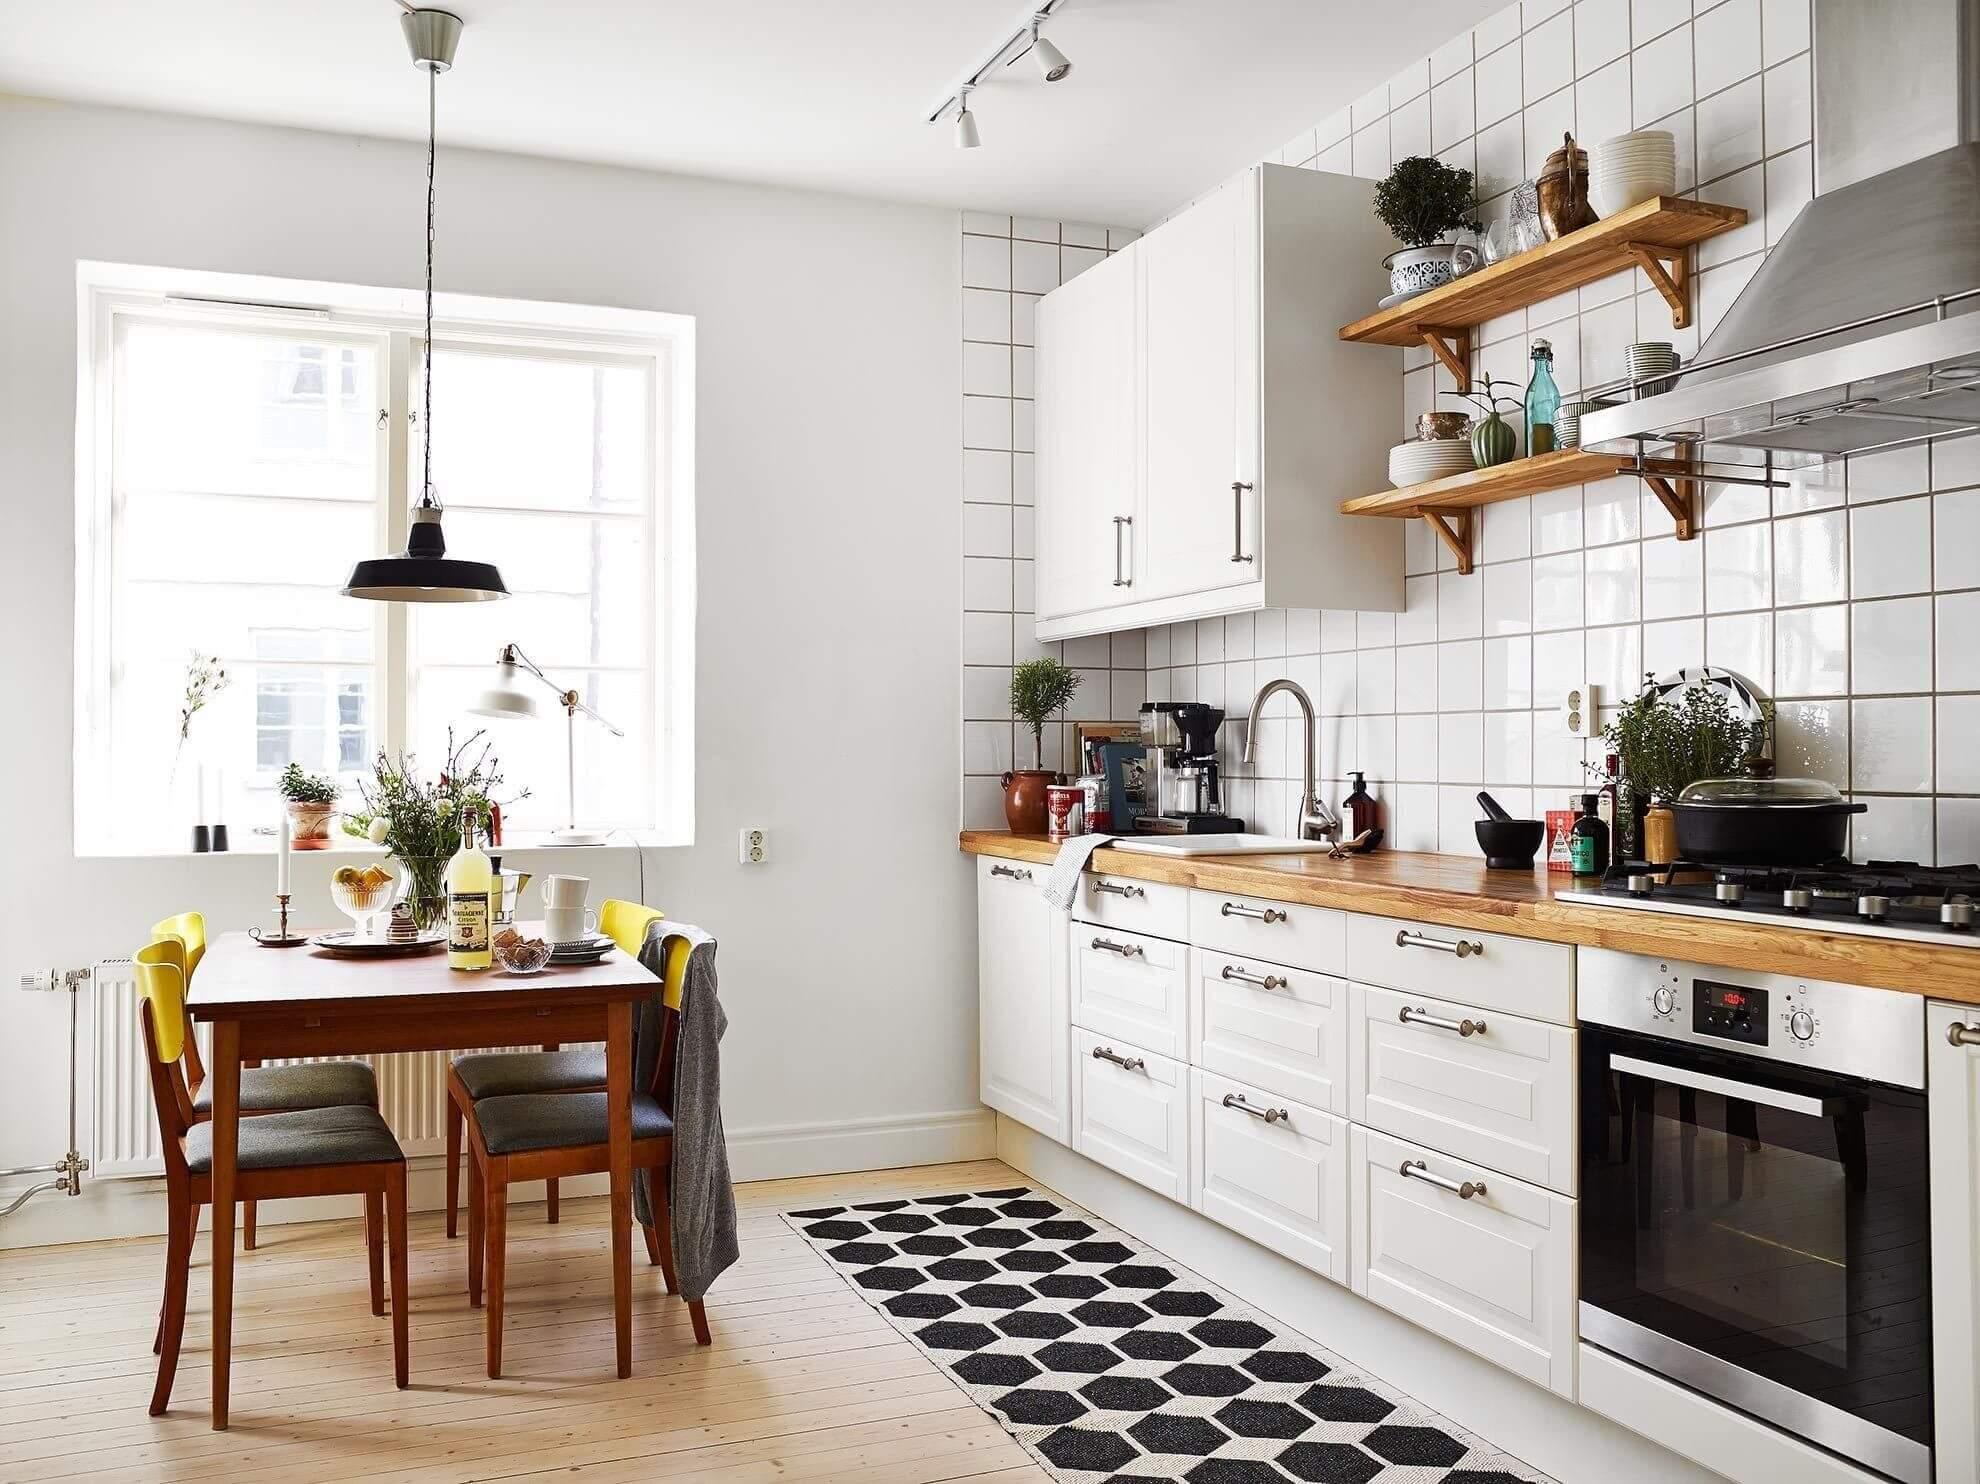 ковер с геометрическим узором на кухне